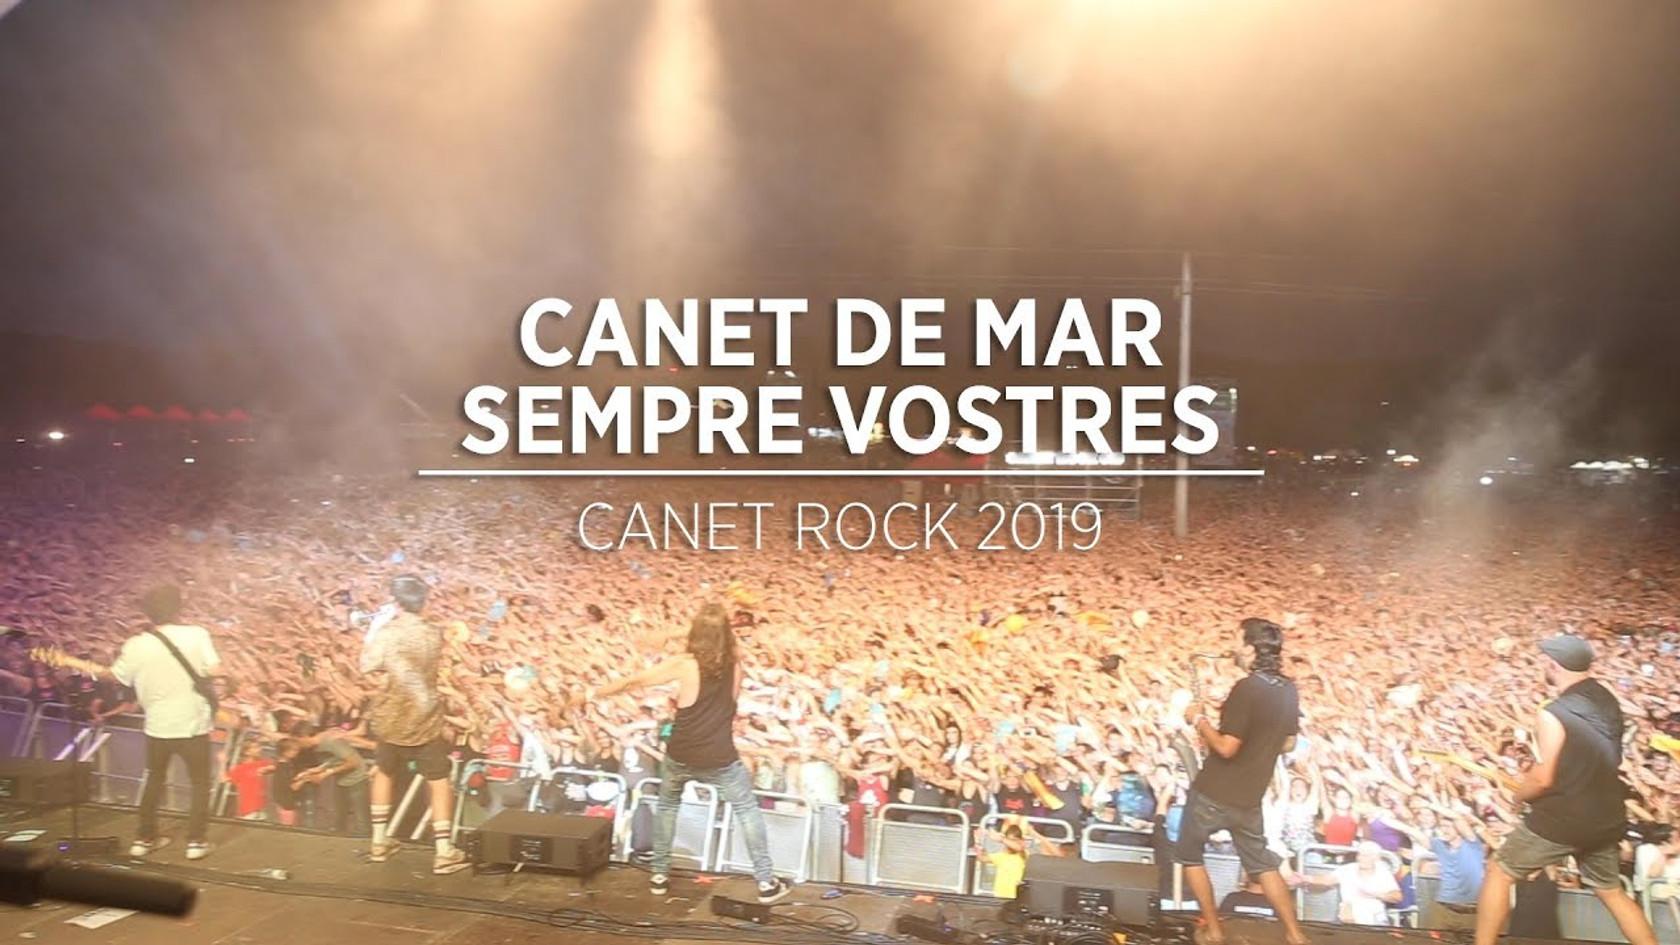 Buhos Canete Rock 2019